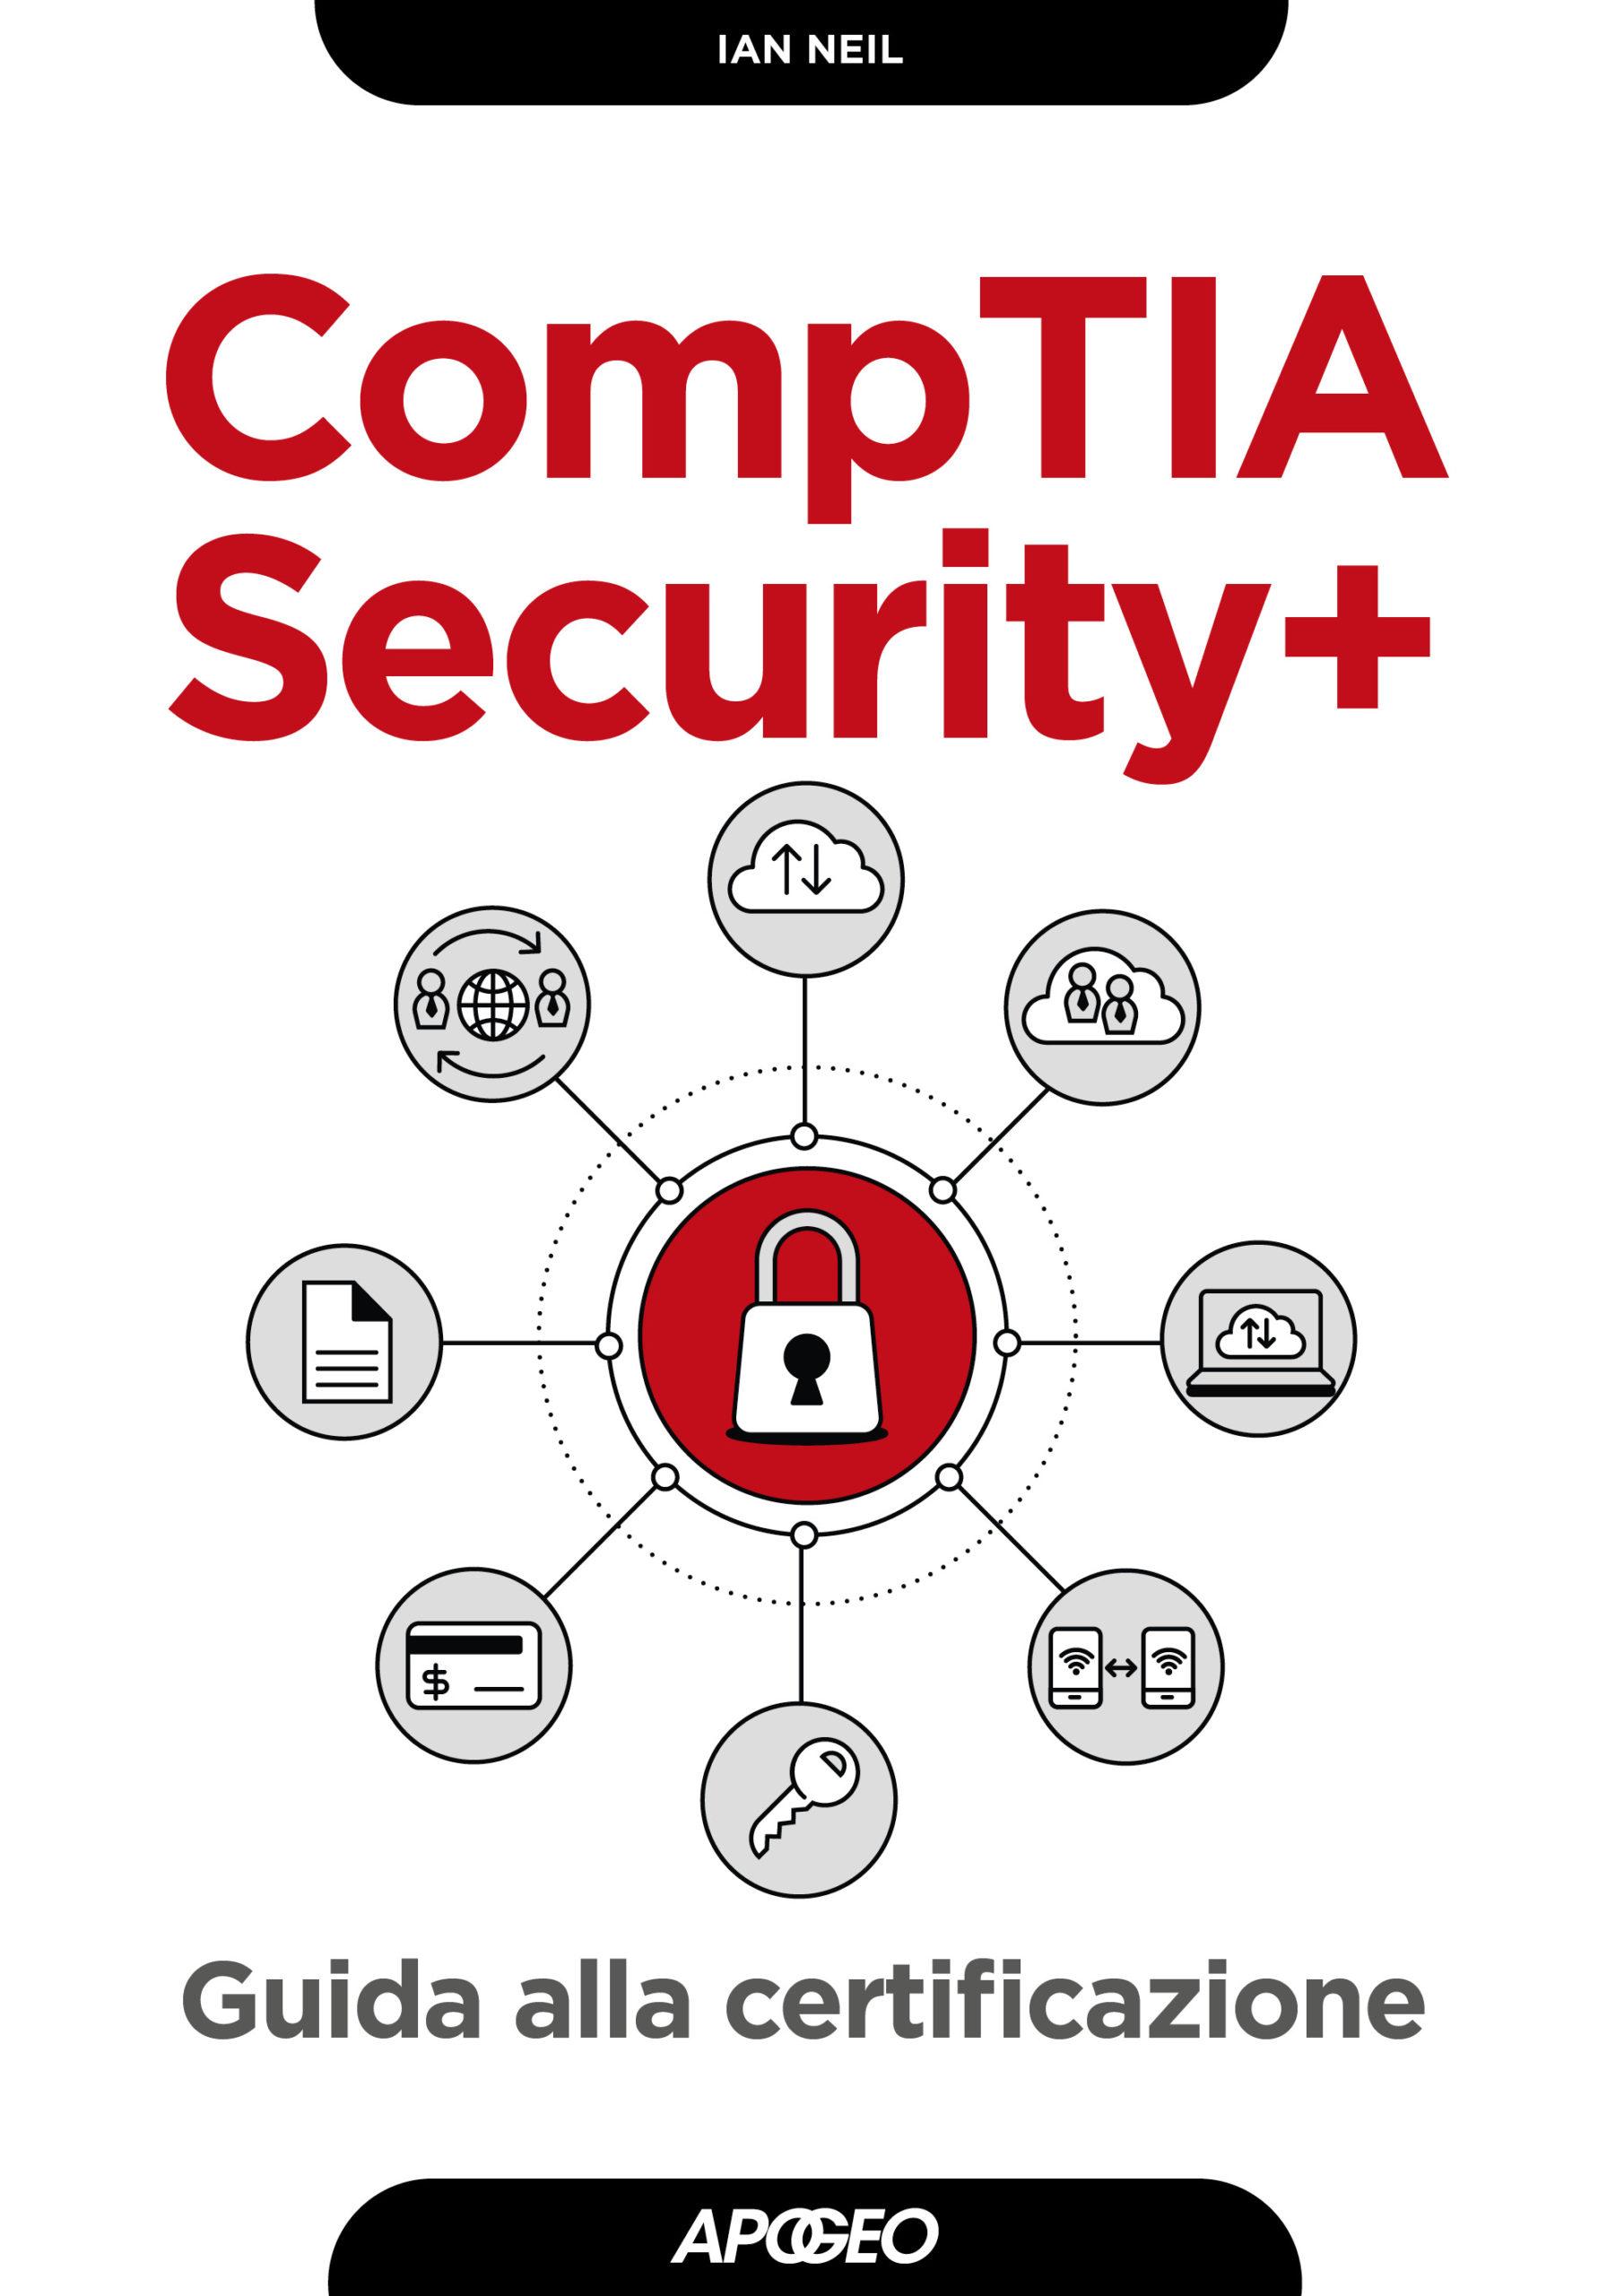 CompTIA Security+ - Guida alla certificazione